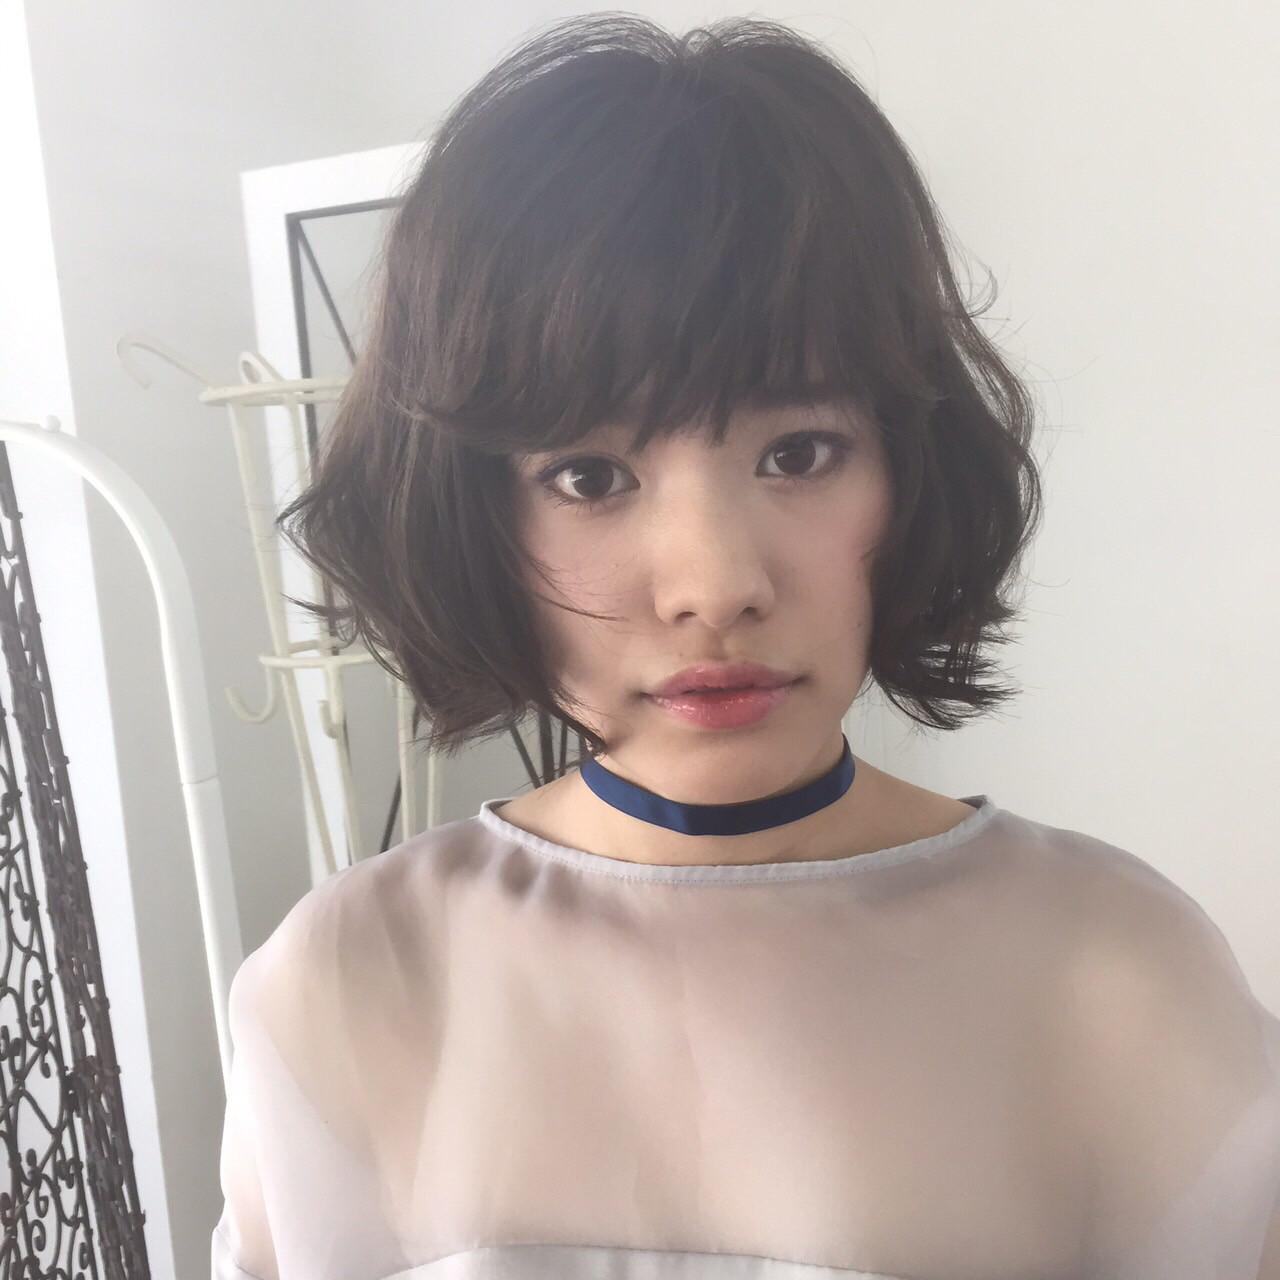 天使の羽バングの魅力って? 菅 紀子